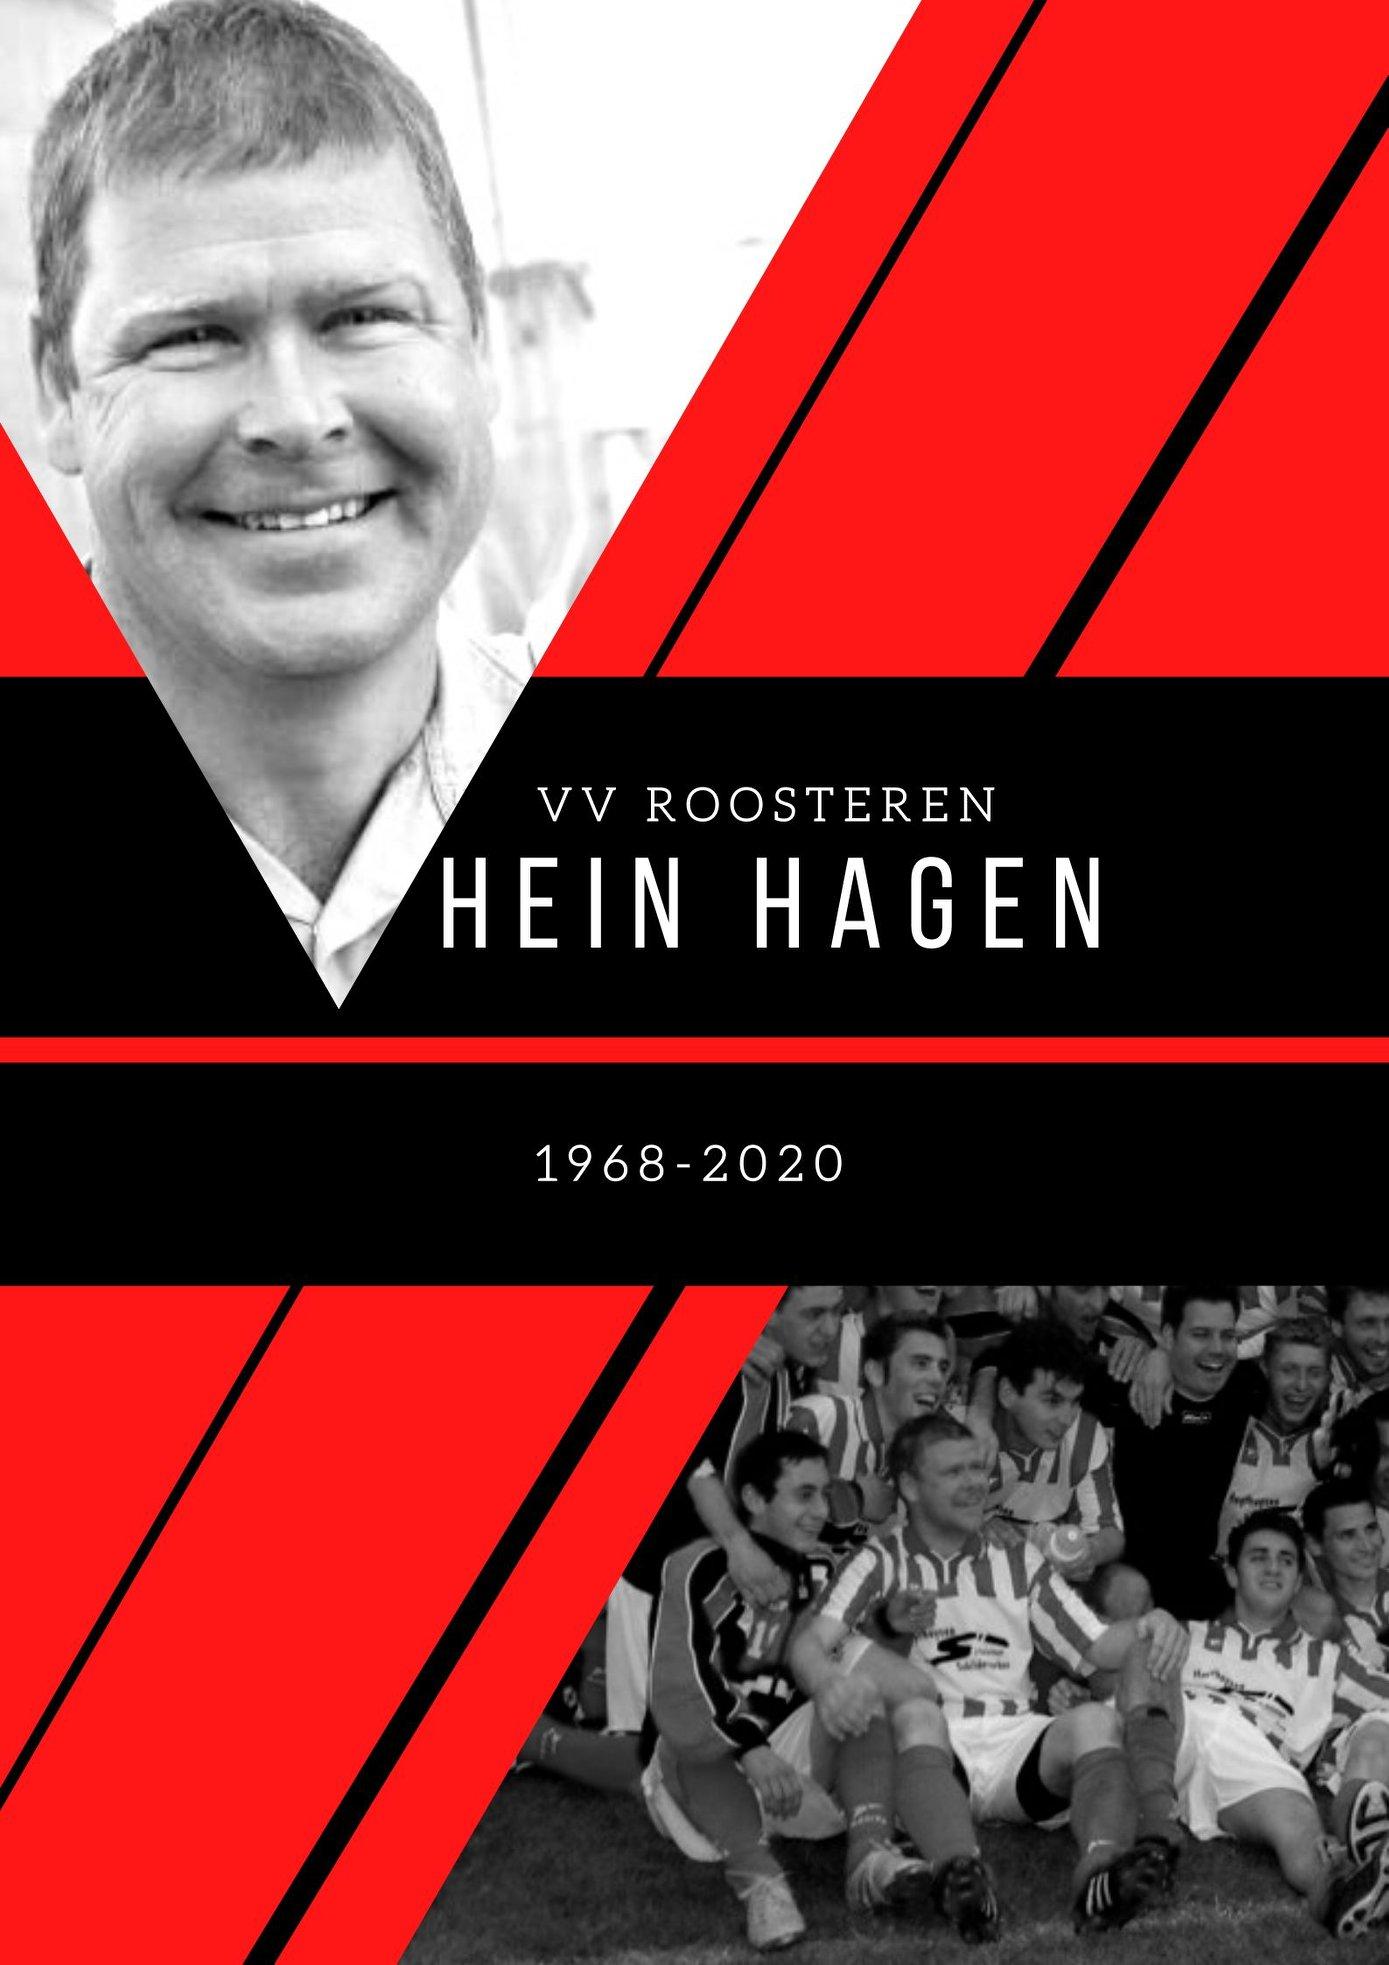 Afscheid Hein Hagen